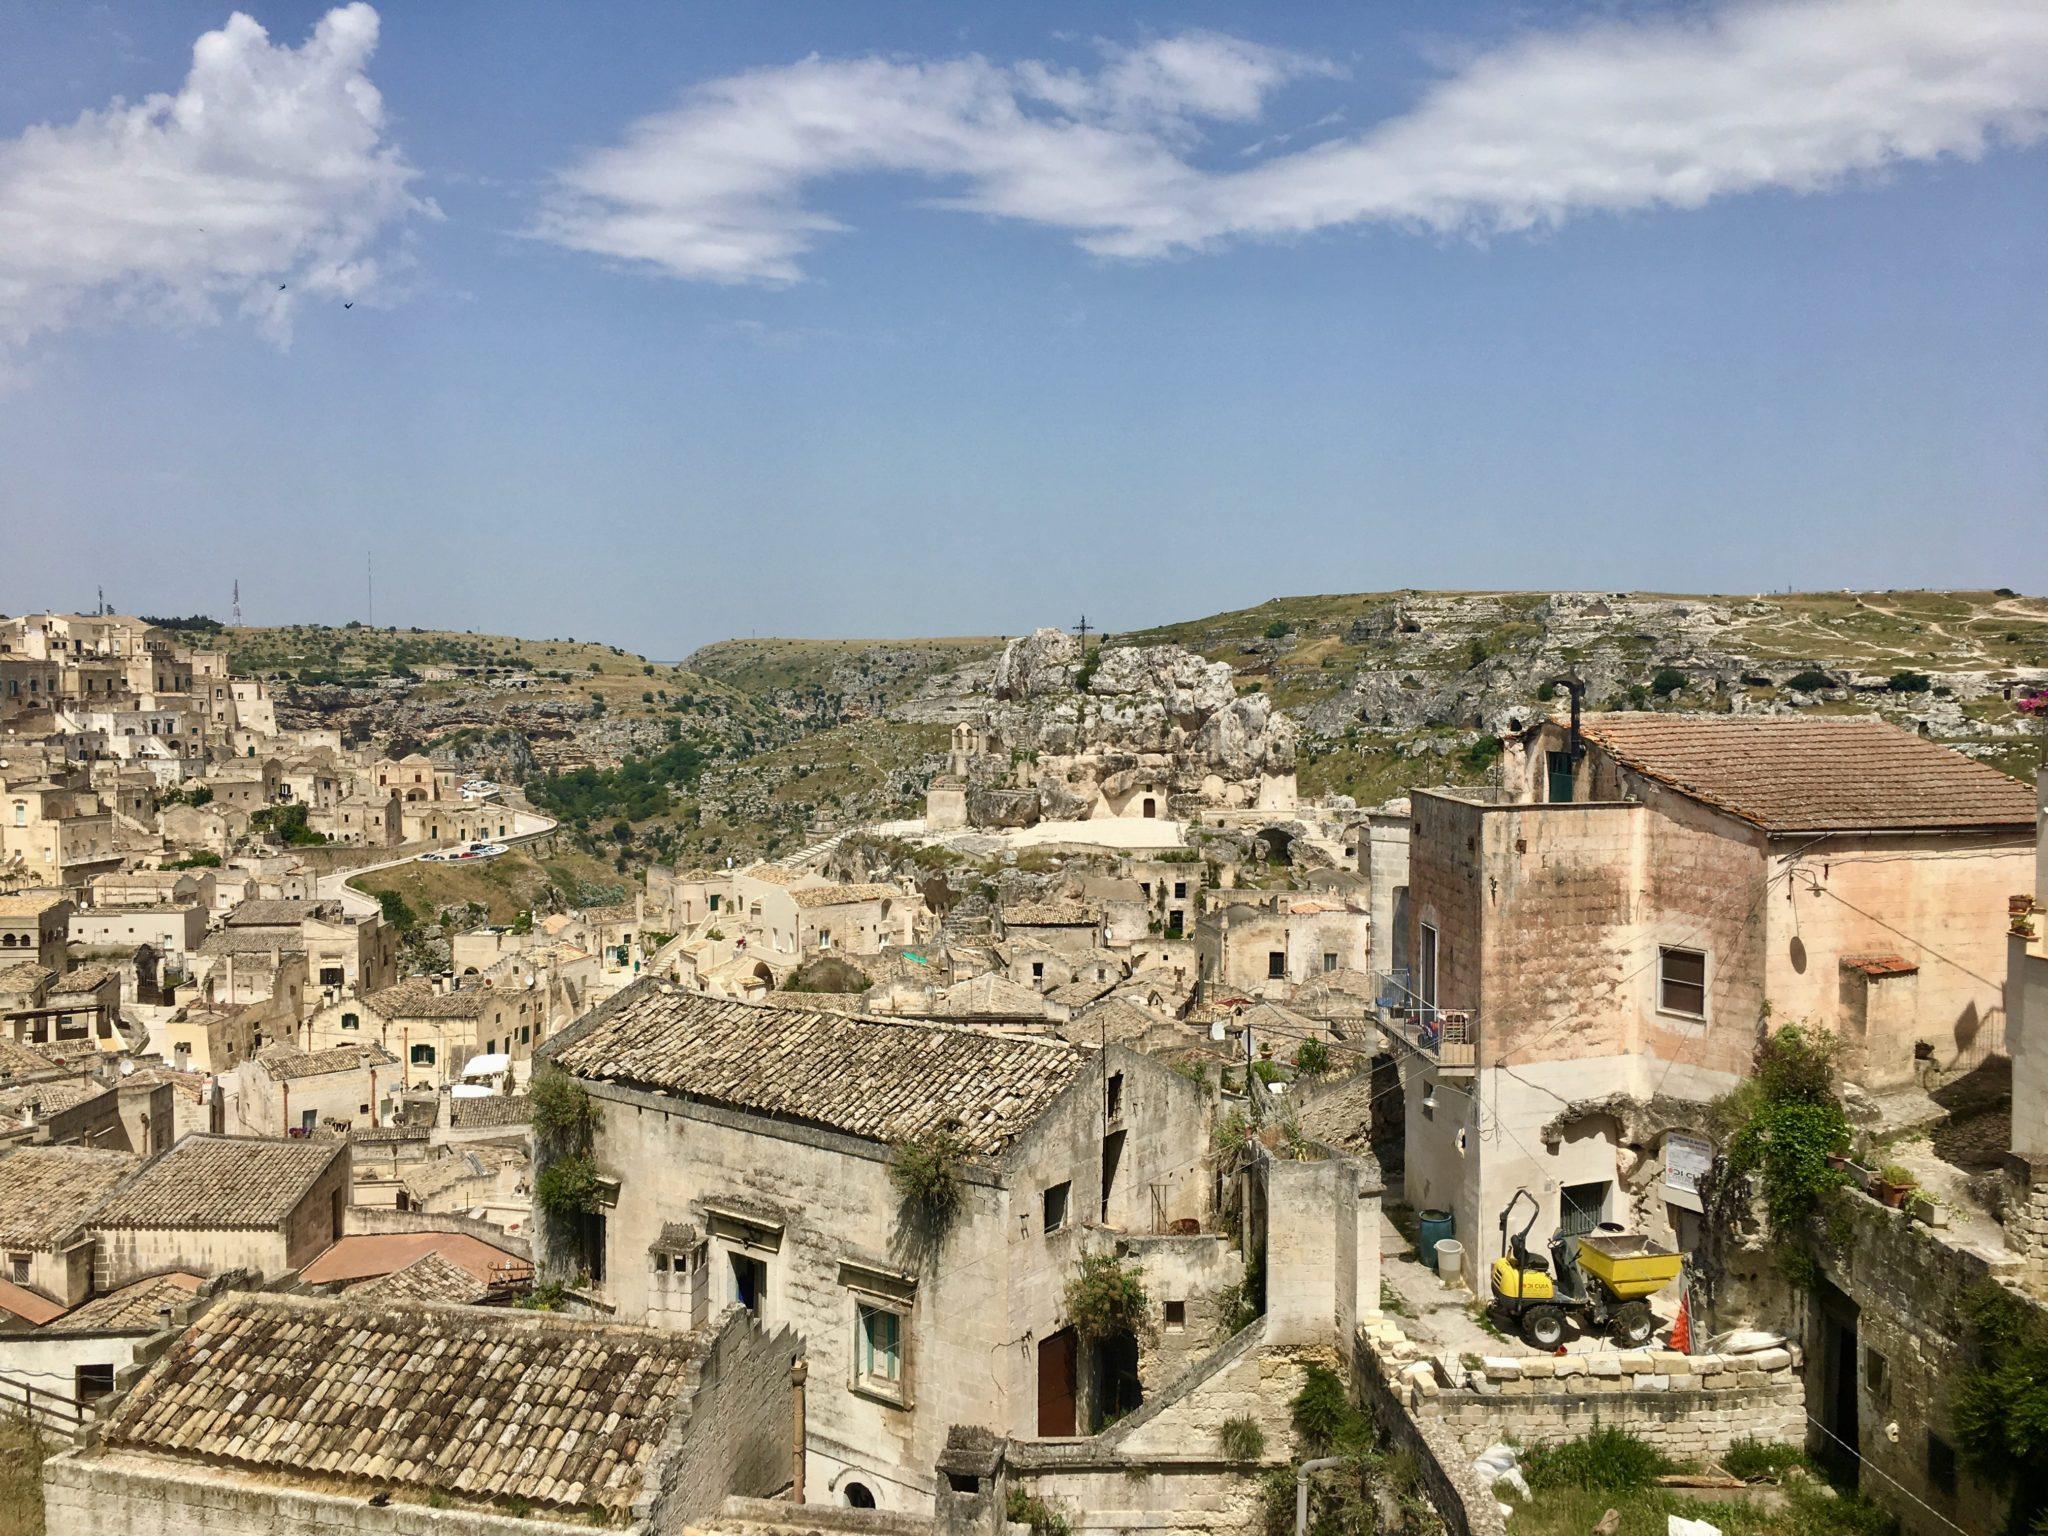 zwiedzanie Sassi di Matera